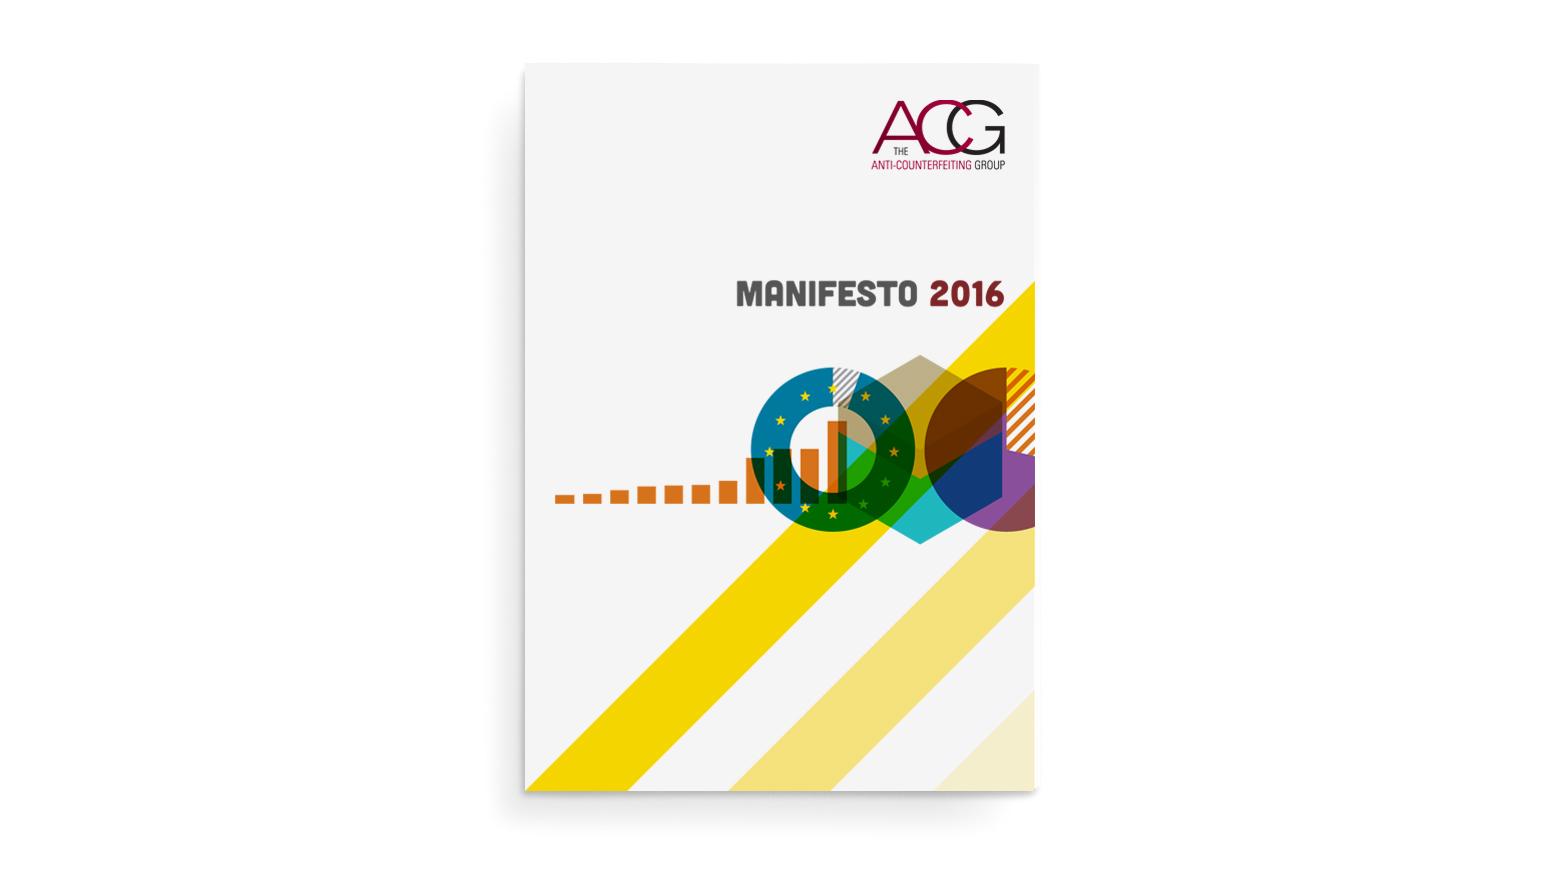 ACG Manifesto 2016 - cover design